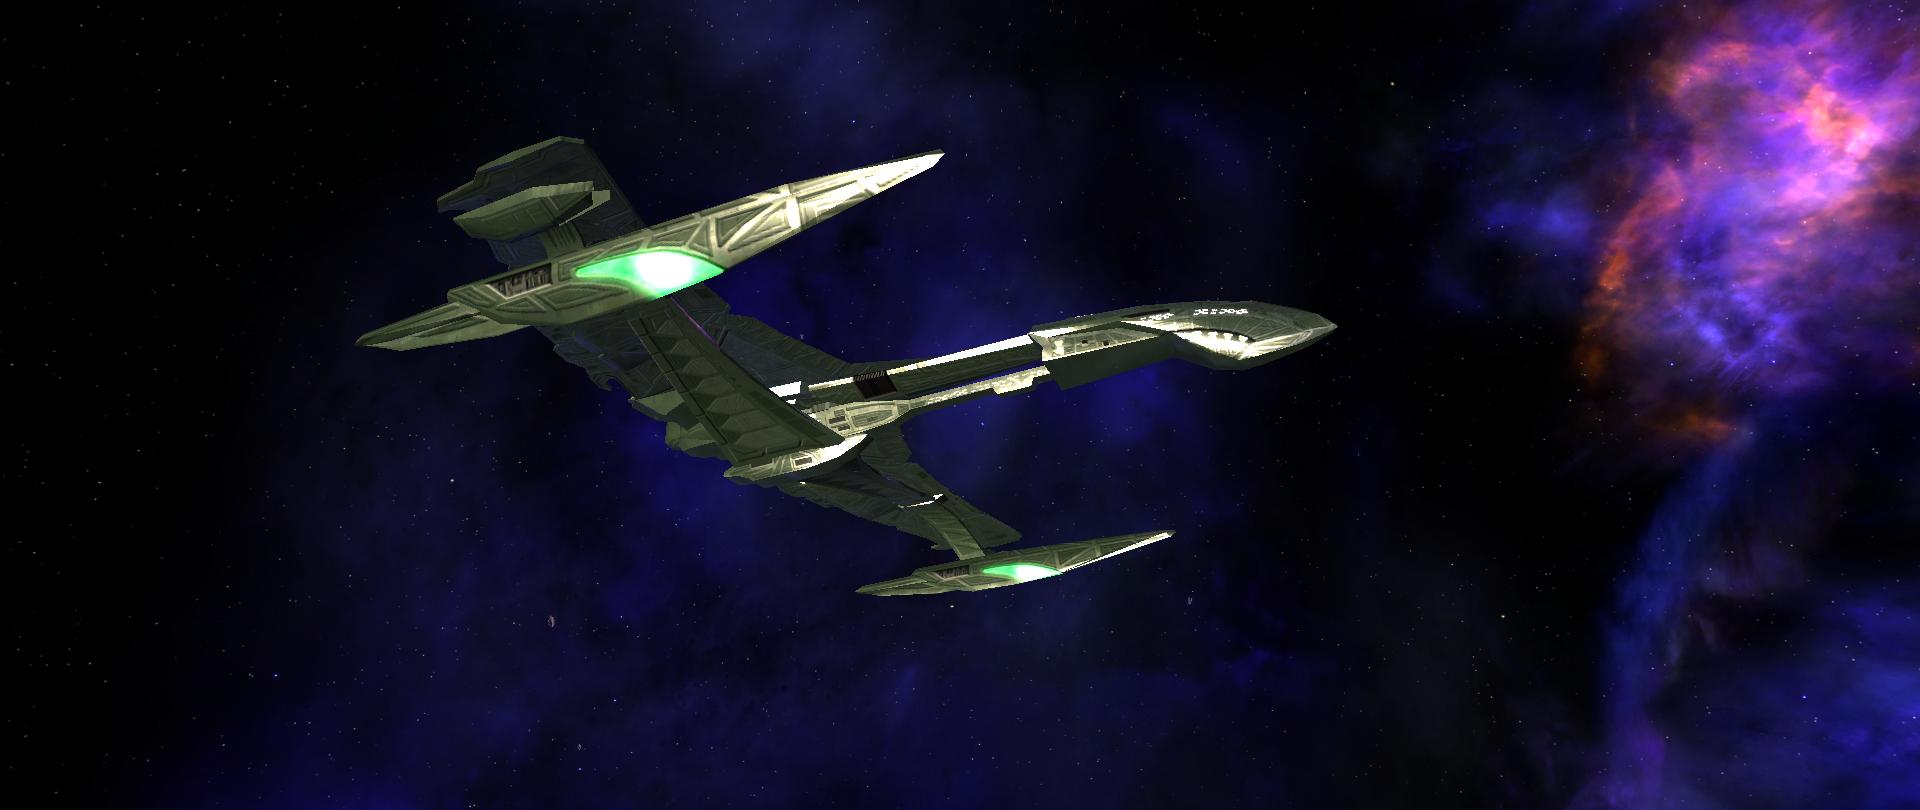 Romulan Warbird 2379